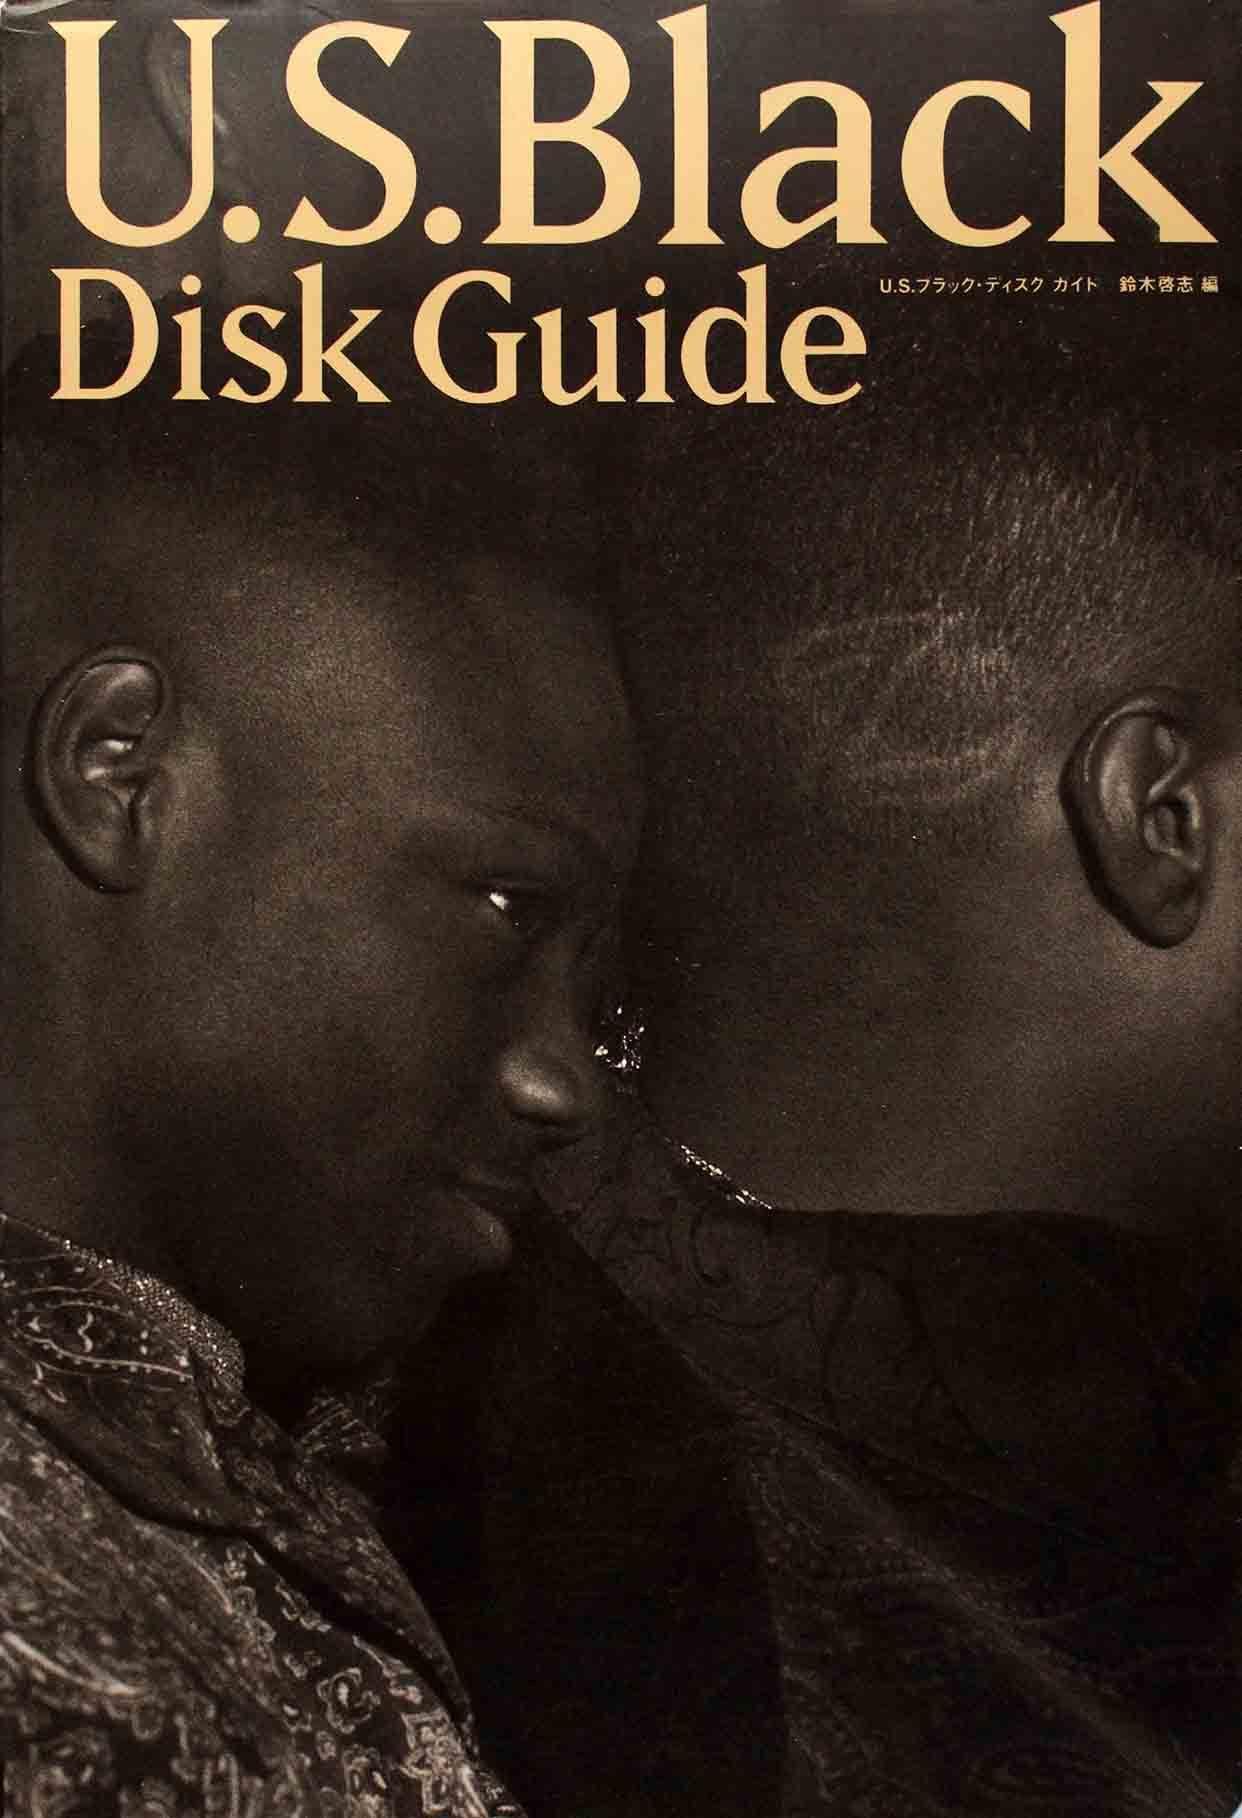 US Black Disk Guide